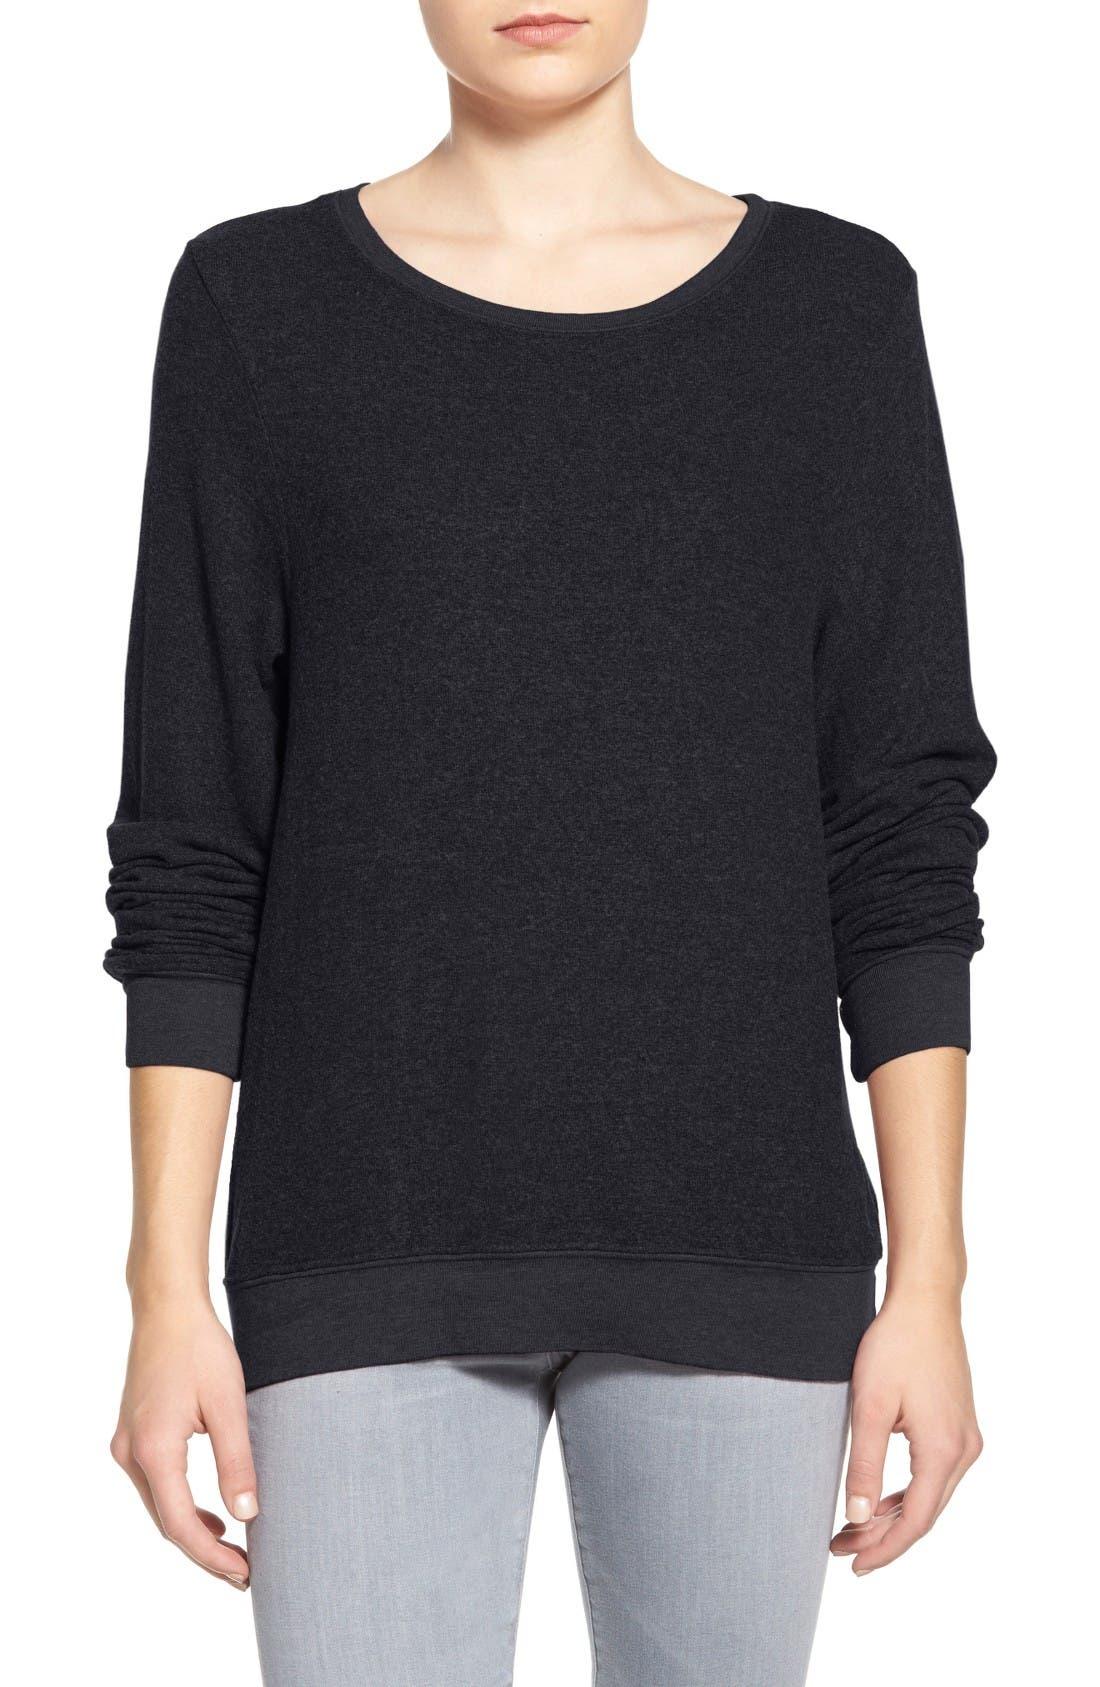 WILDFOX Essentials Baggy Beach Fleece Sweatshirt in Nero